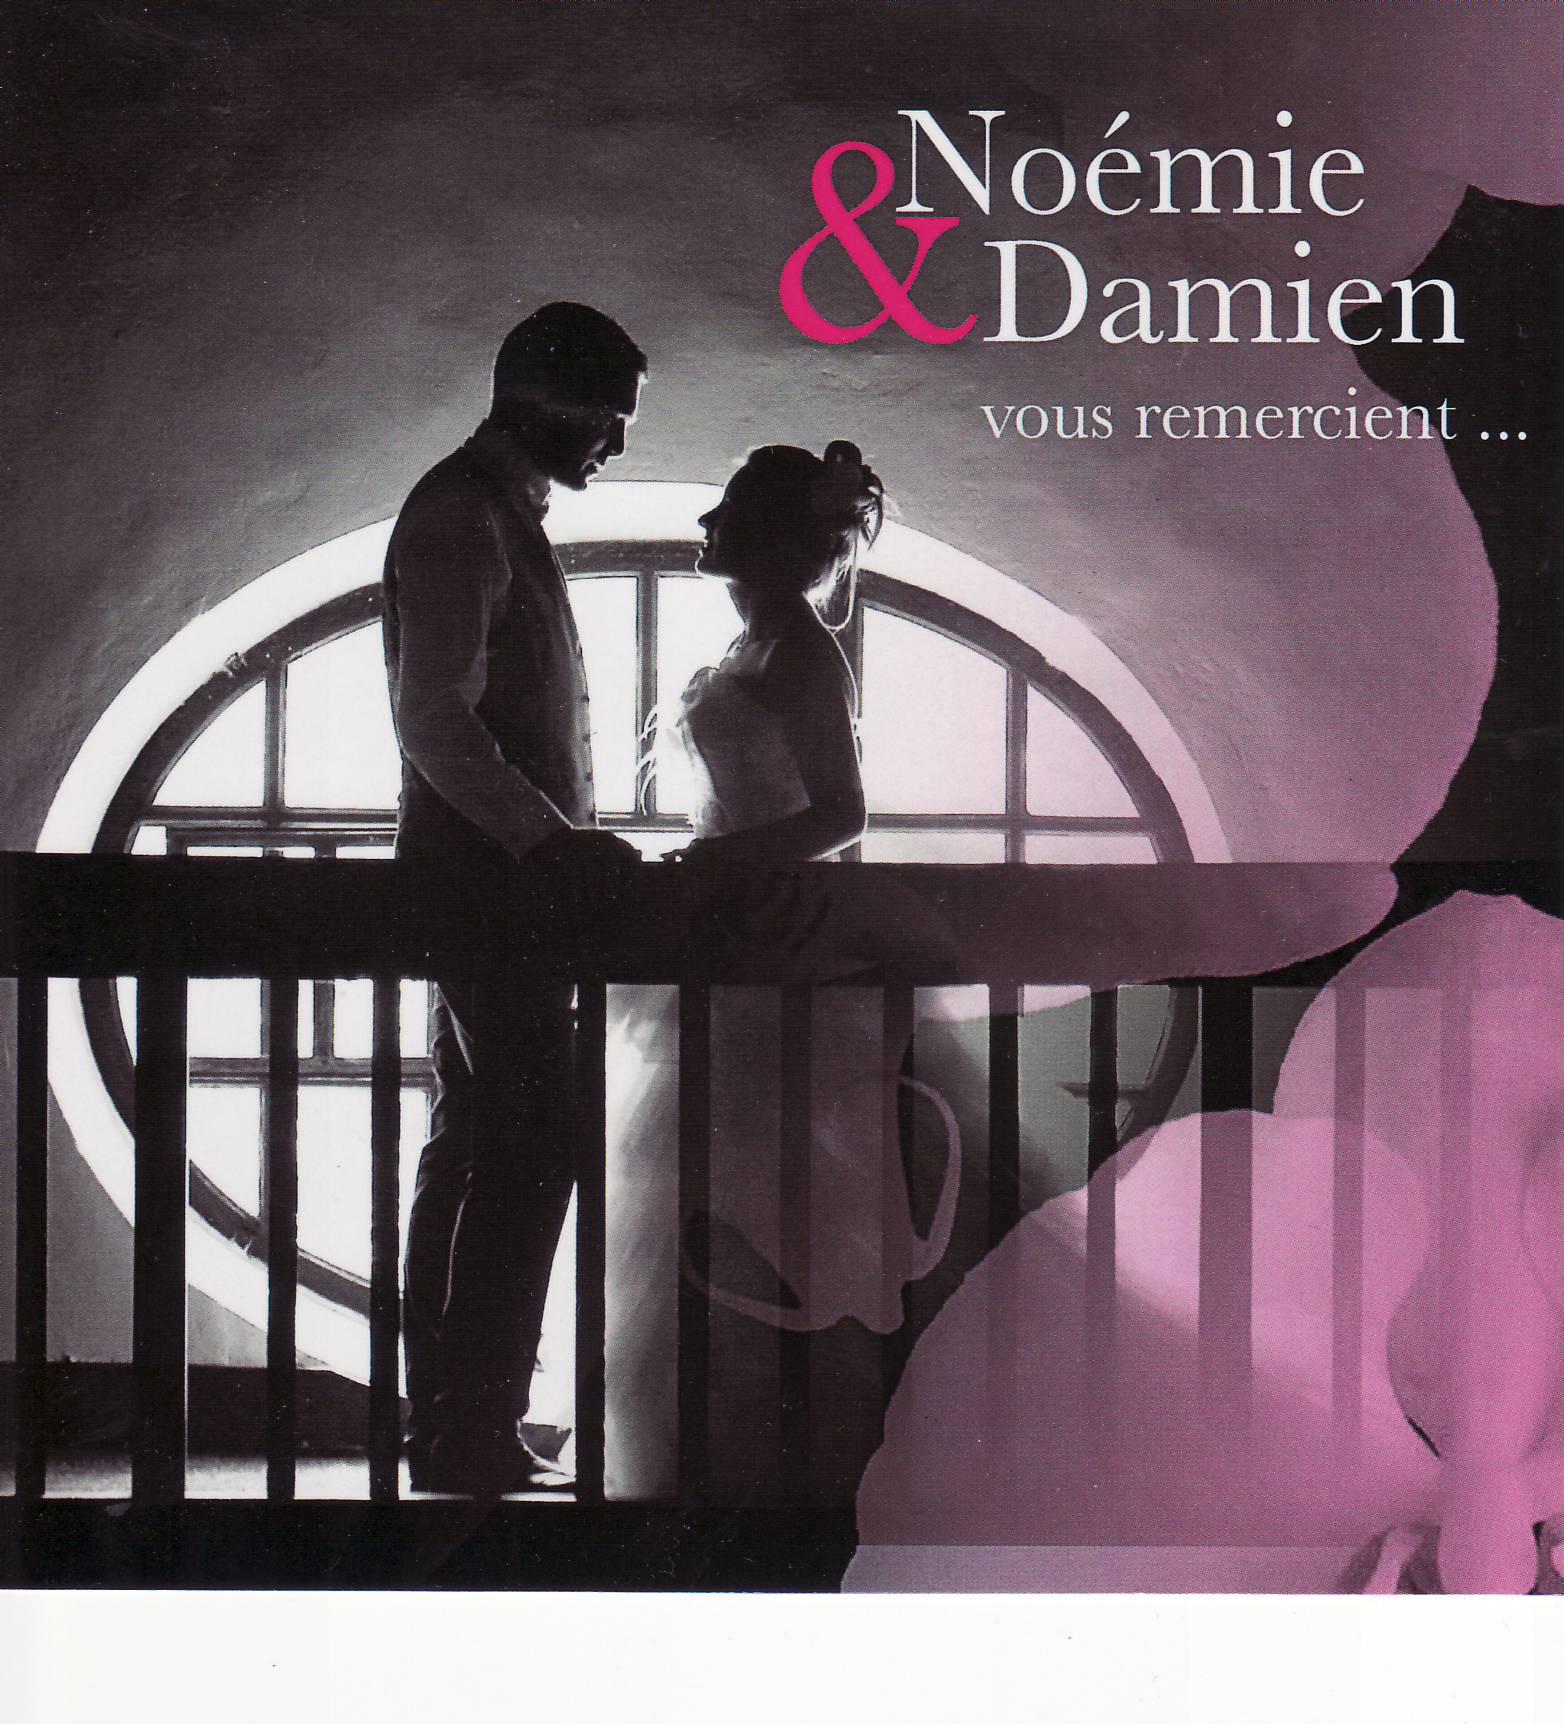 Mariage LONGET Damien & Noémie (La Médicée) (27-03-2013) (Thierry)